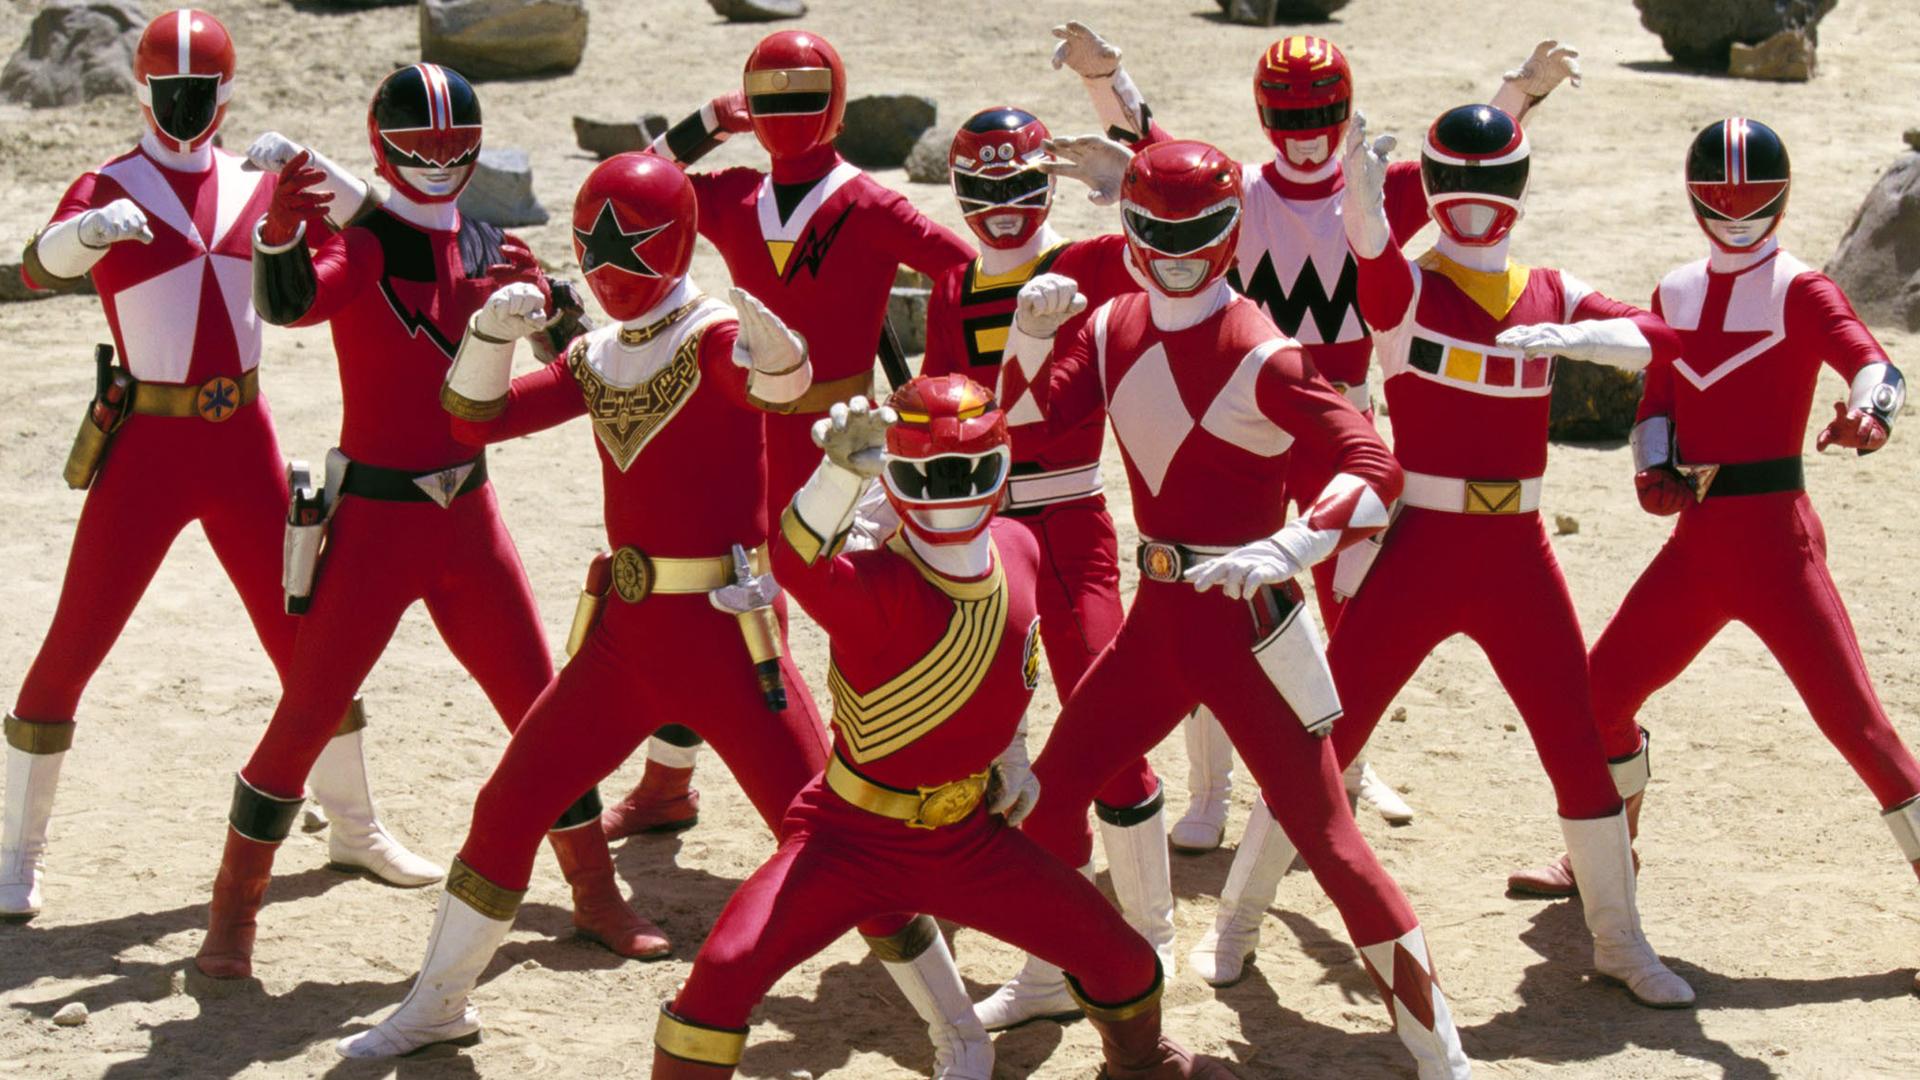 TV Show Power Rangers Wallpaper